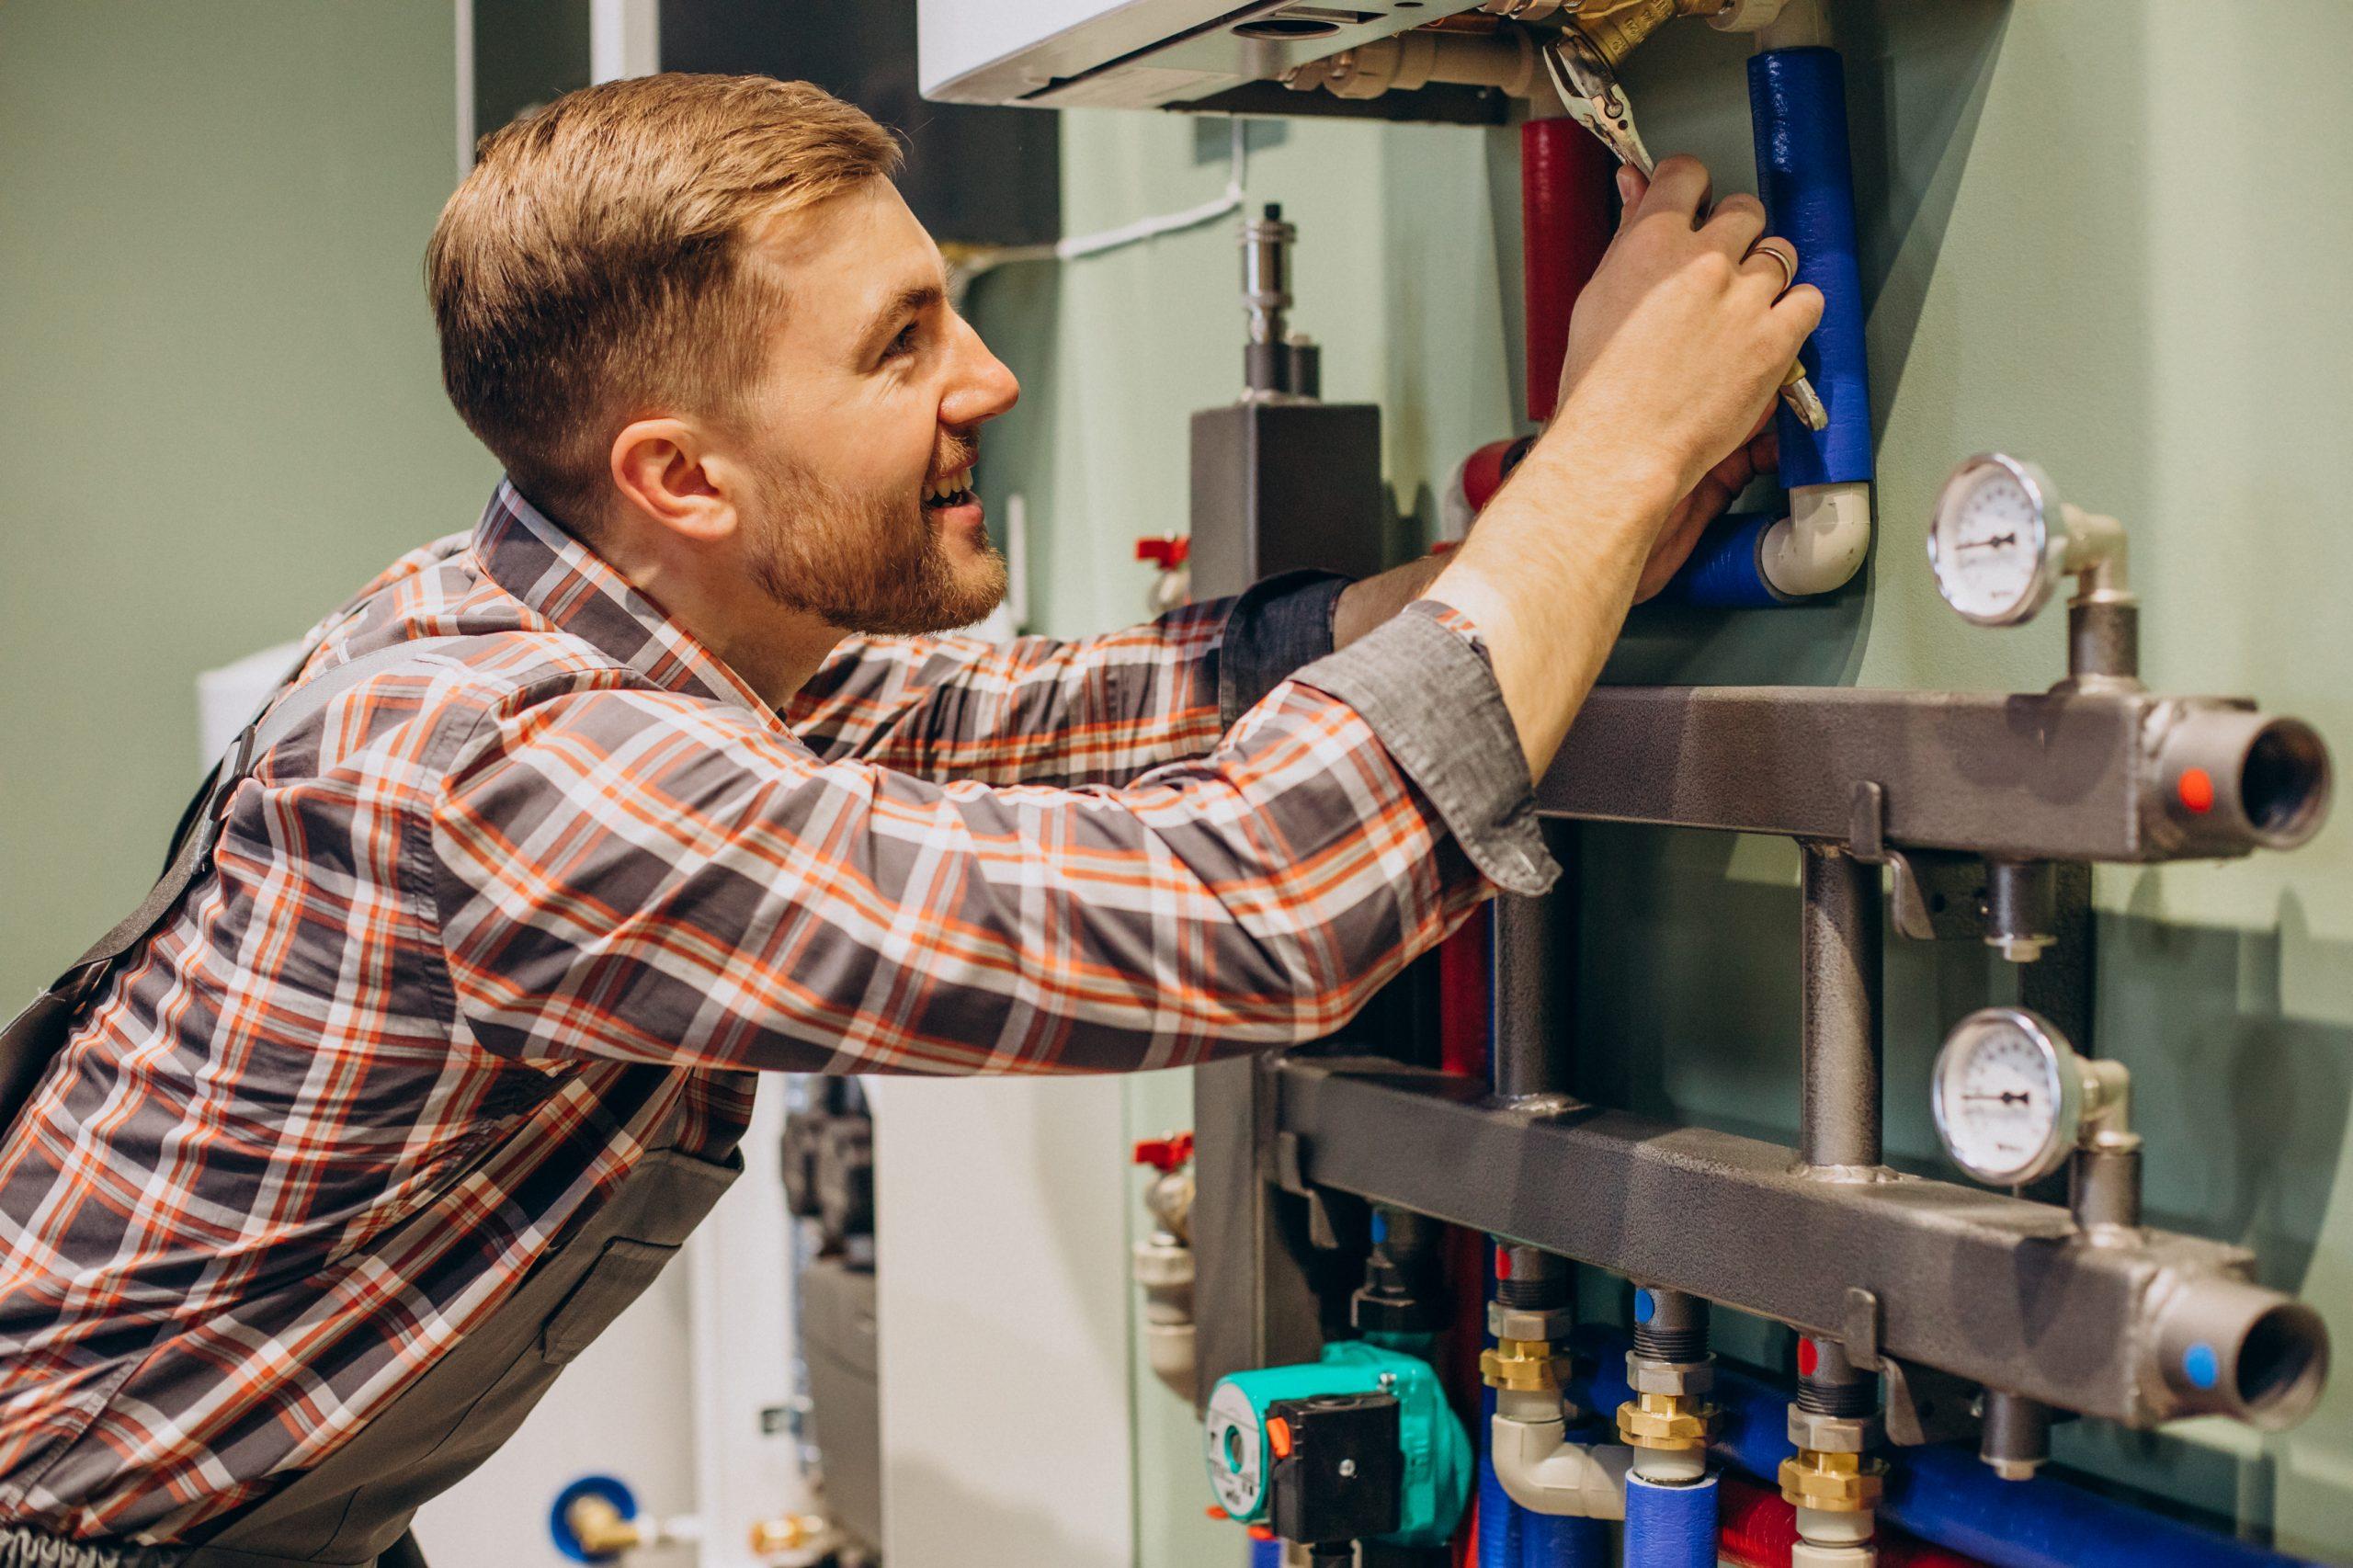 impianto di riscaldamento quale scegliere